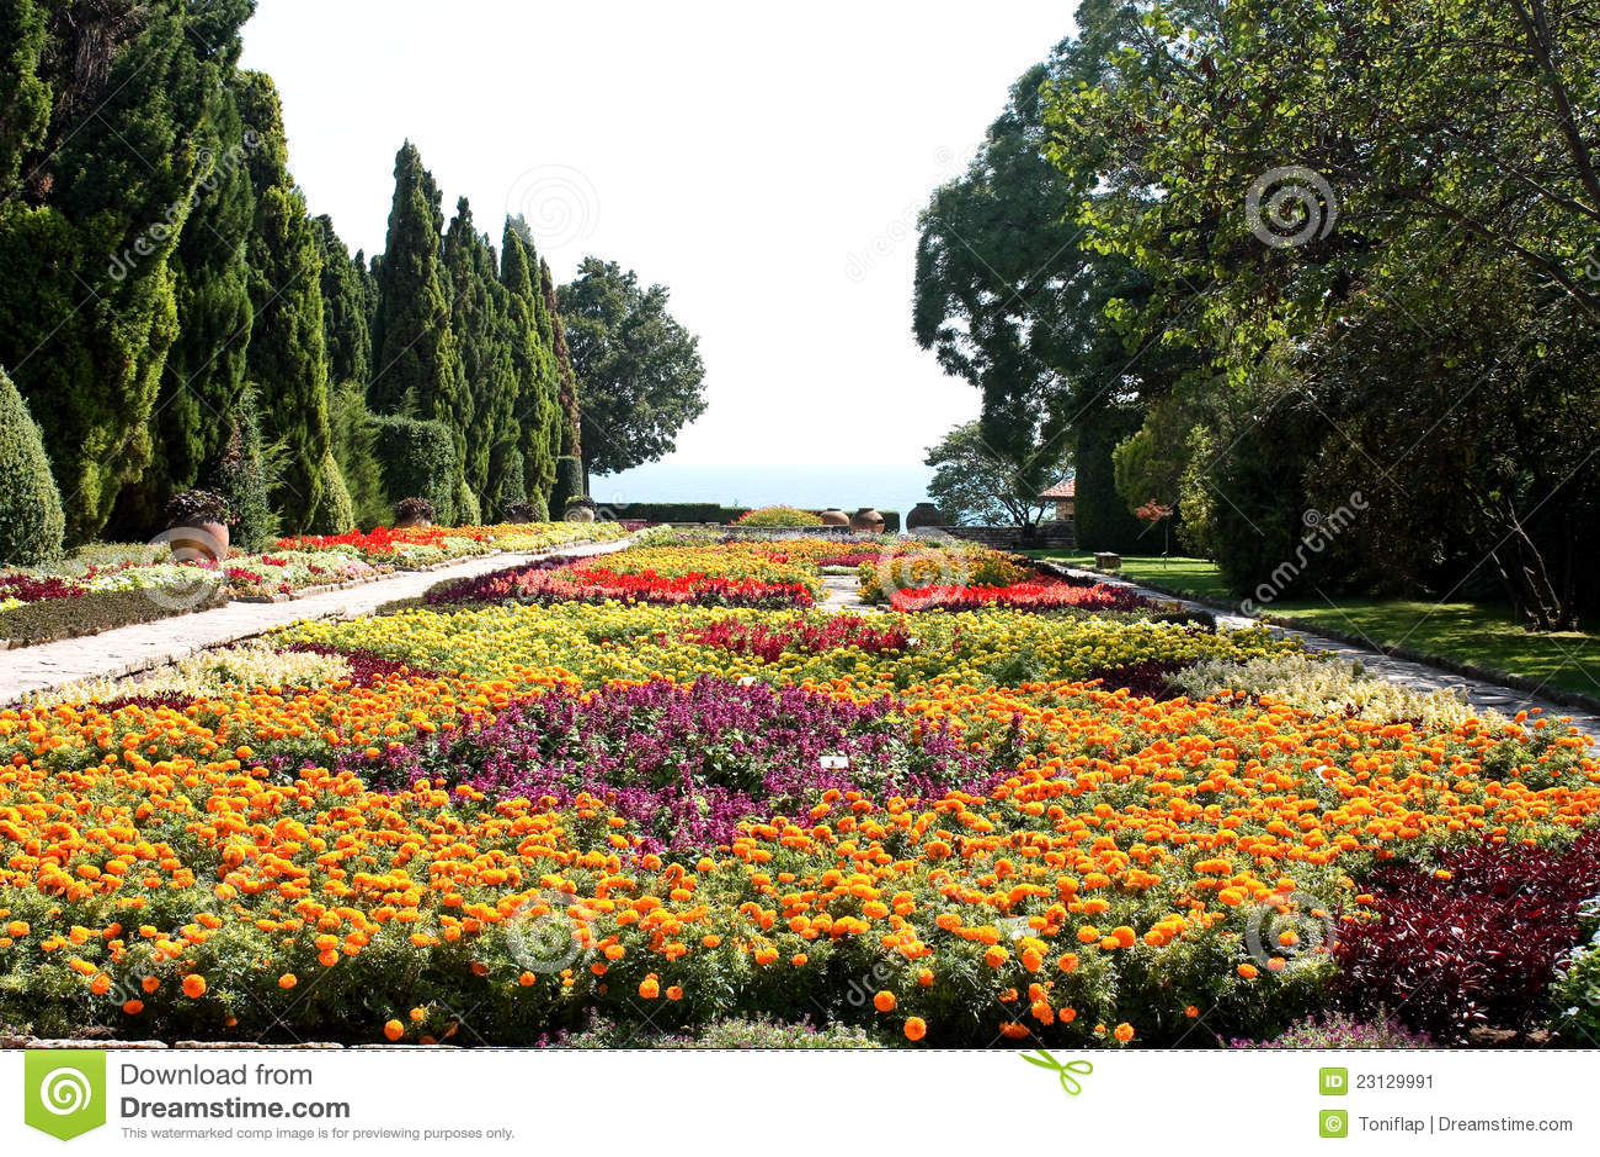 flores jardim do mar:Jardim botânico com flores e mar. Residência da rainha romena pelo